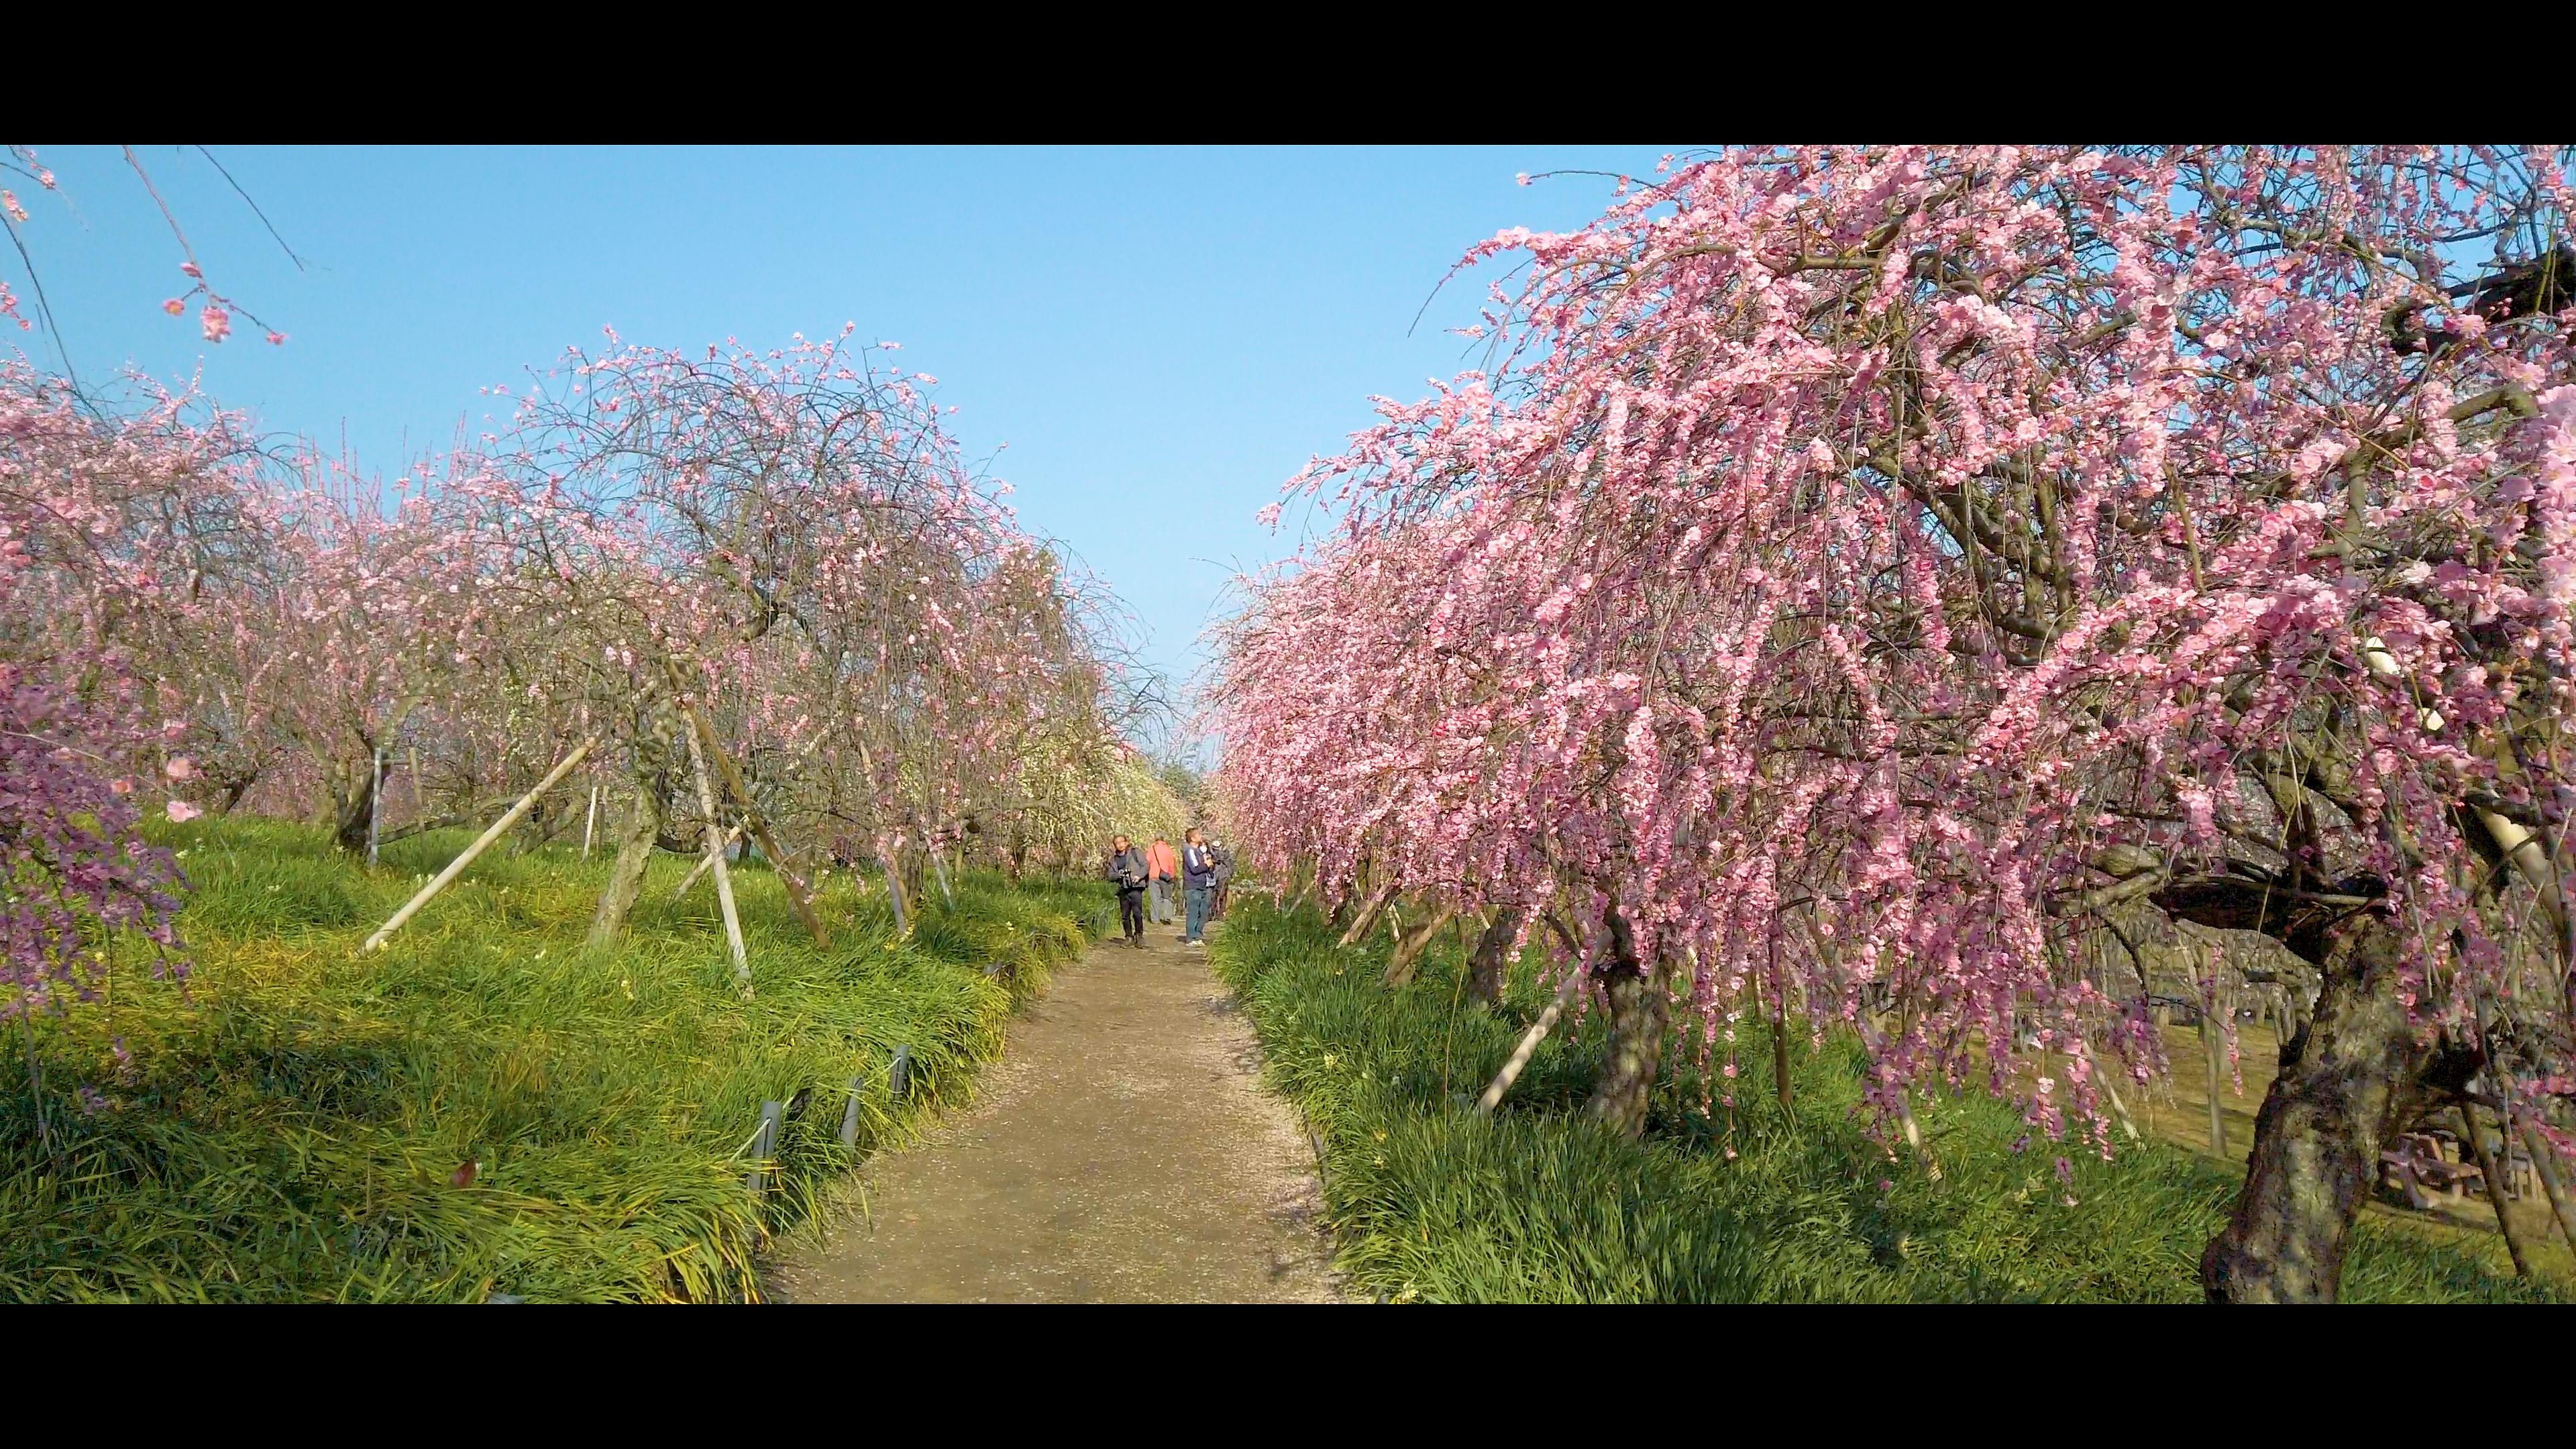 c359ff8133e21710804a2fa49074c2fc 大阪府 和泉リサイクル環境公園(梅と水仙、菜の花が撮影できる春におすすめの写真スポット。 撮影した写真の紹介、アクセス情報や交通手段・駐車場情報などまとめ)